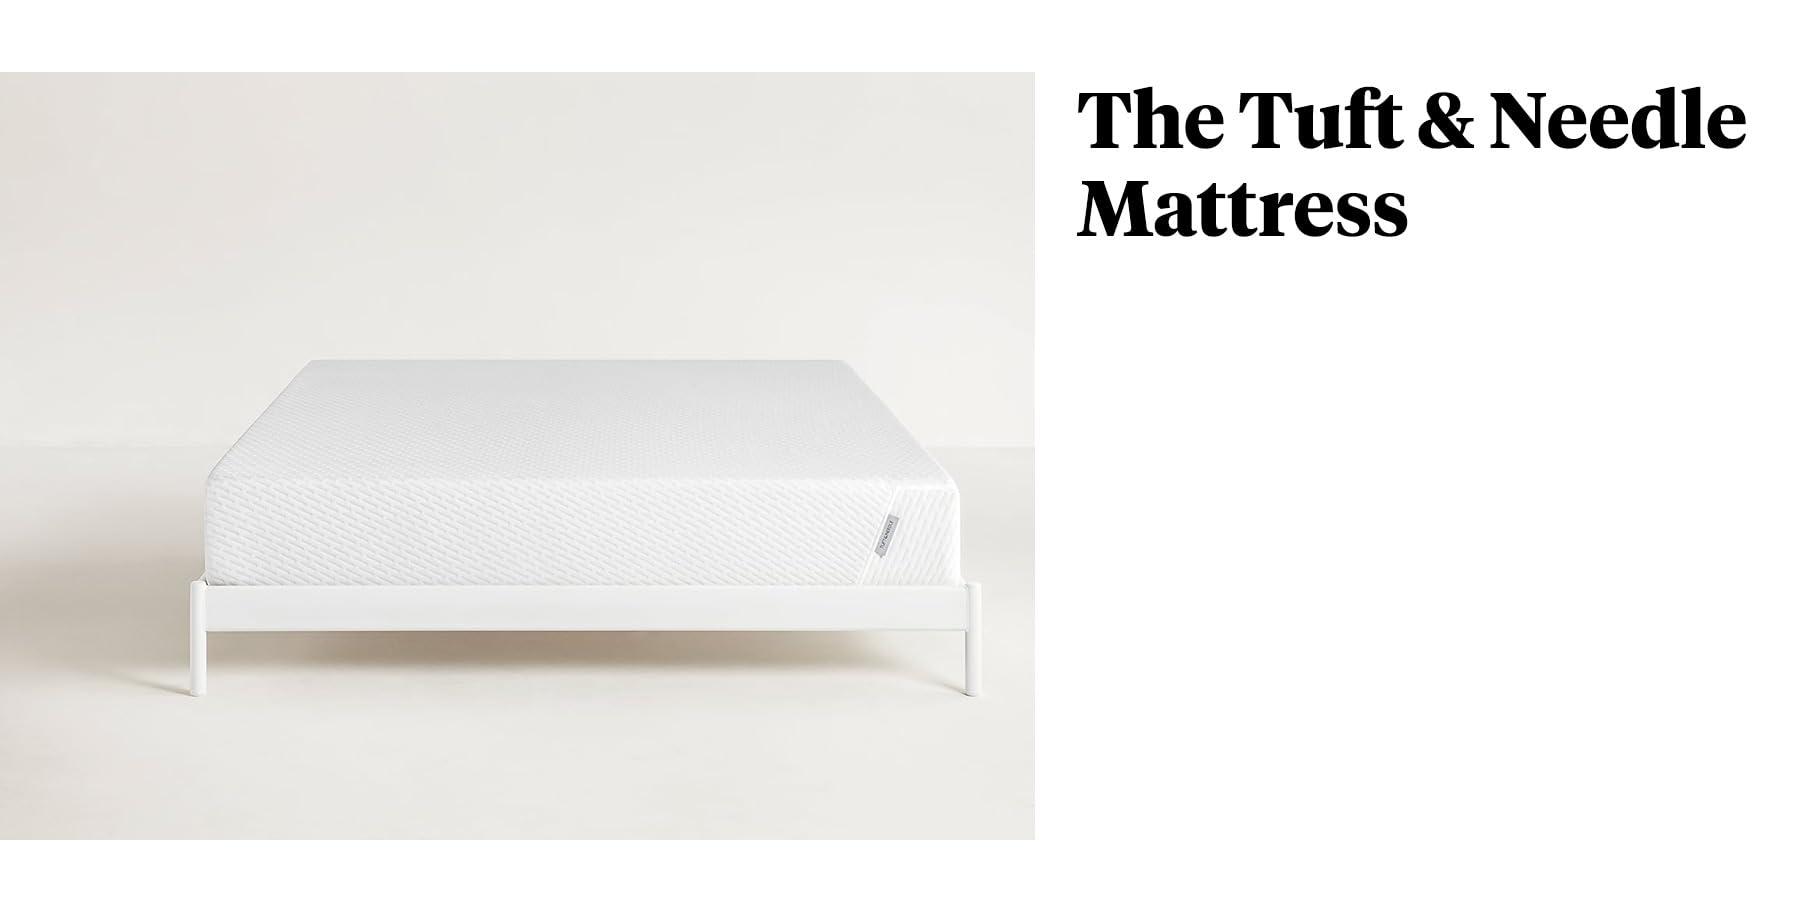 Tuft & Needle mattress 2